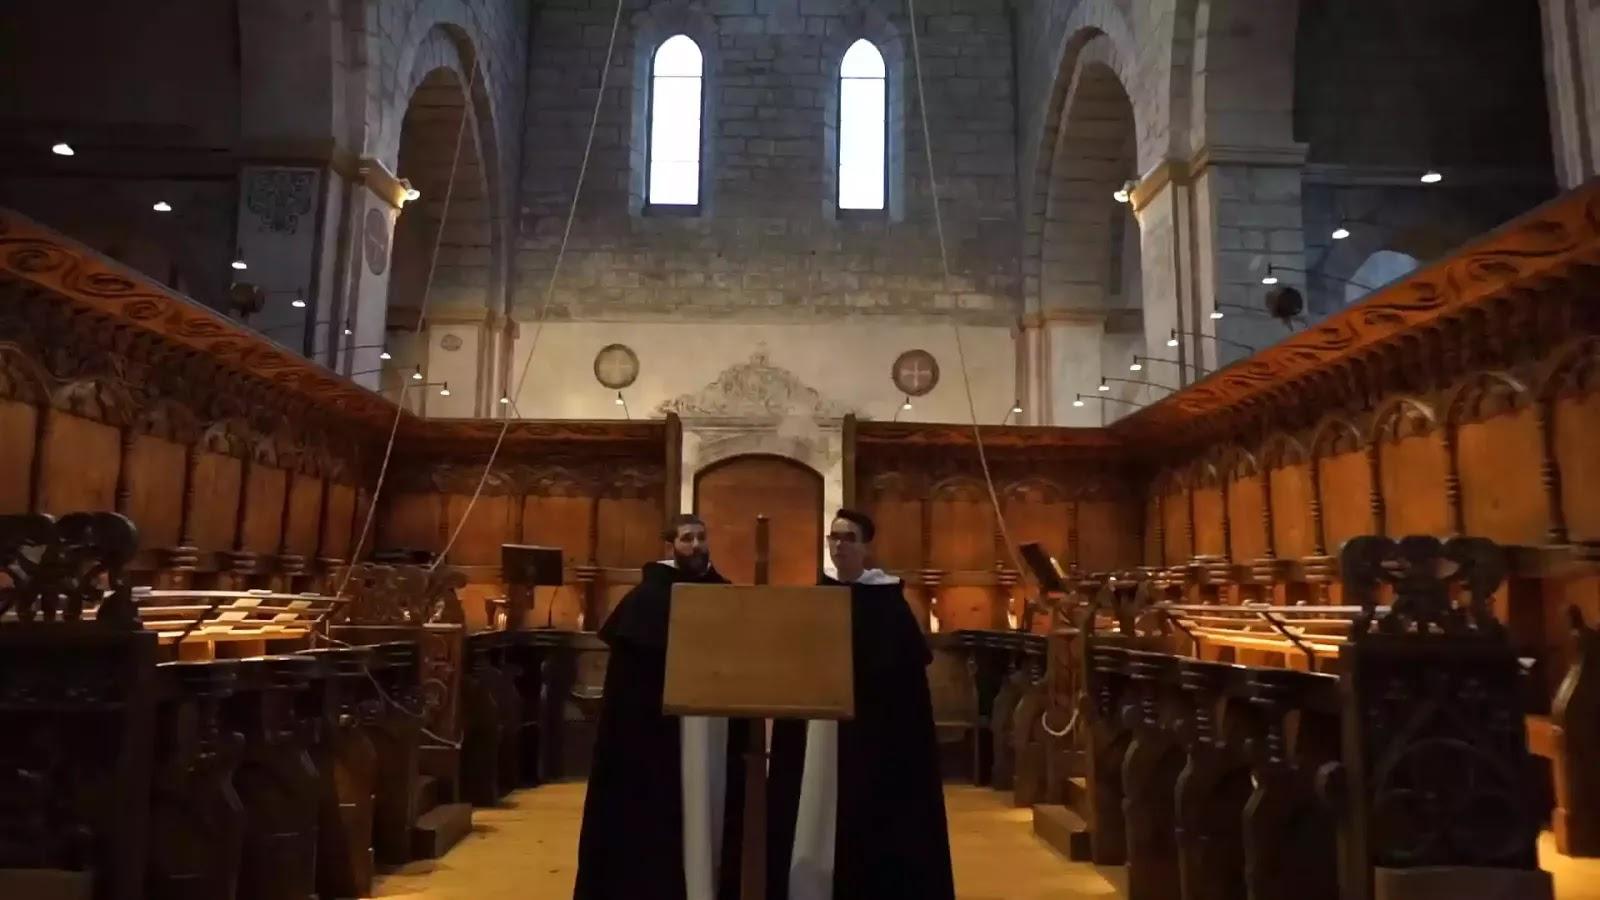 Các sinh viên thần học ham thích âm nhạc lập kênh Youtube để hồi sinh kho tàng thánh ca tiếng La-tinh